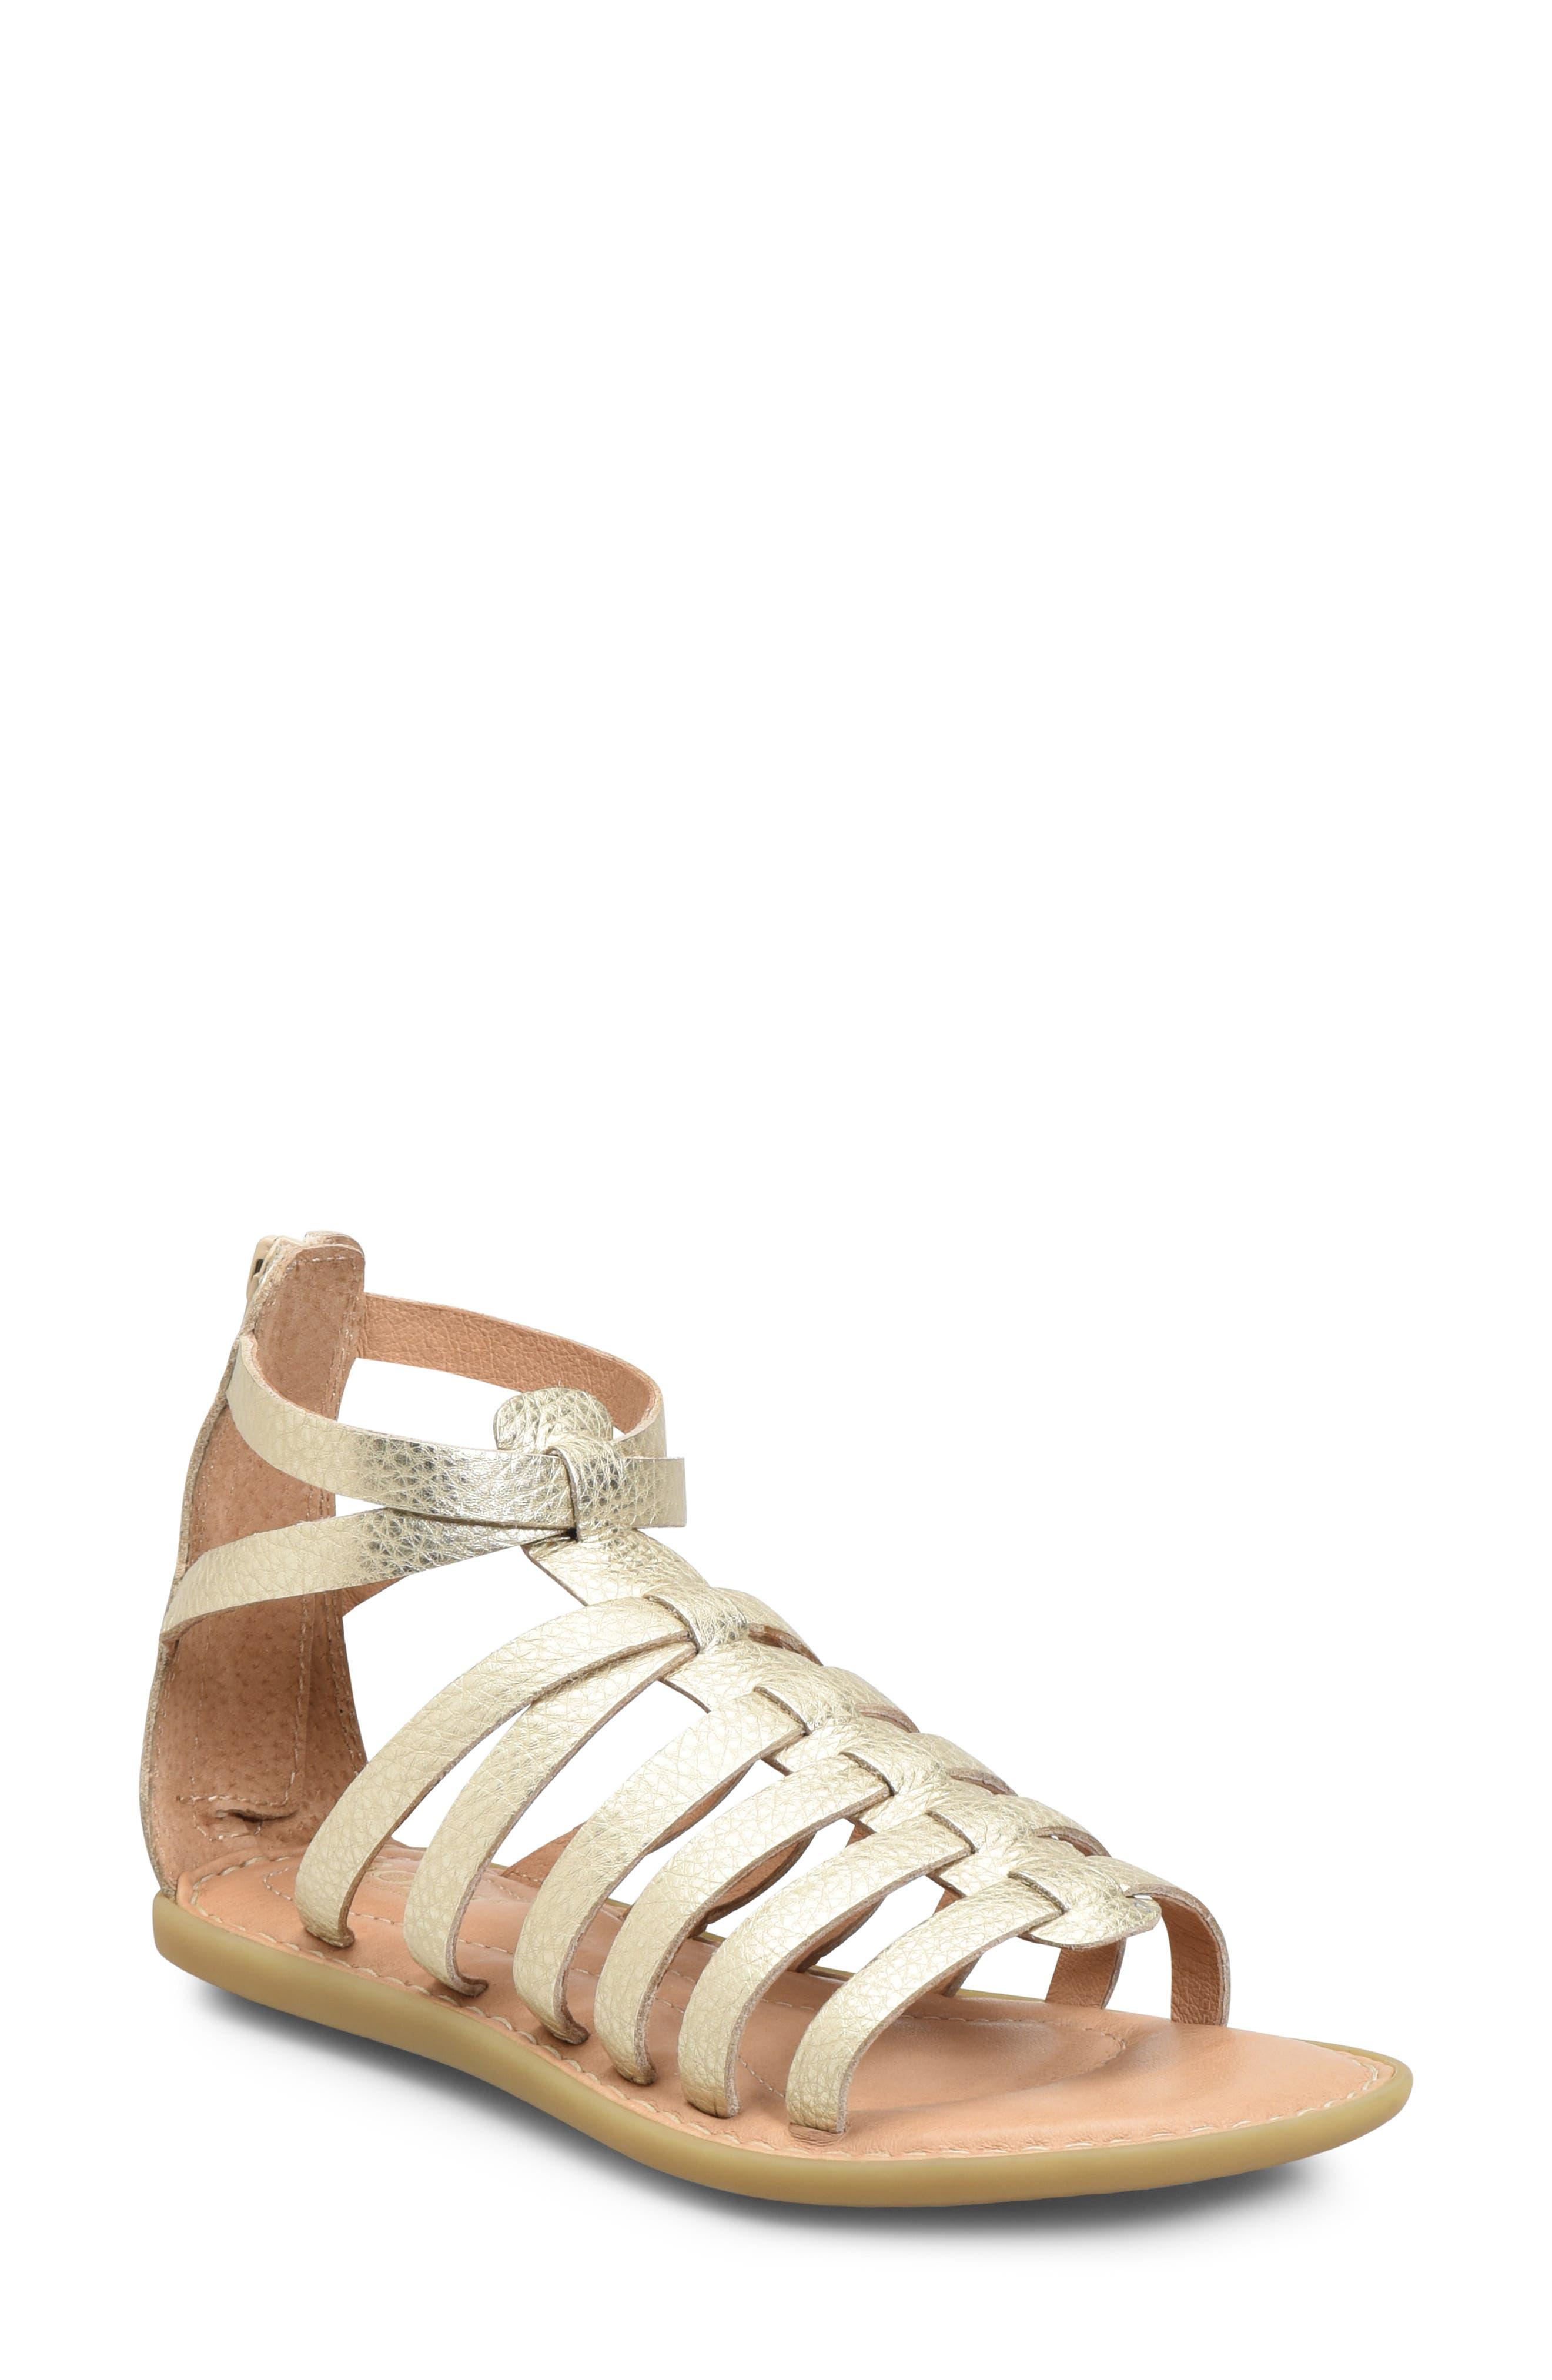 Women's B?rn Ohm Sandal